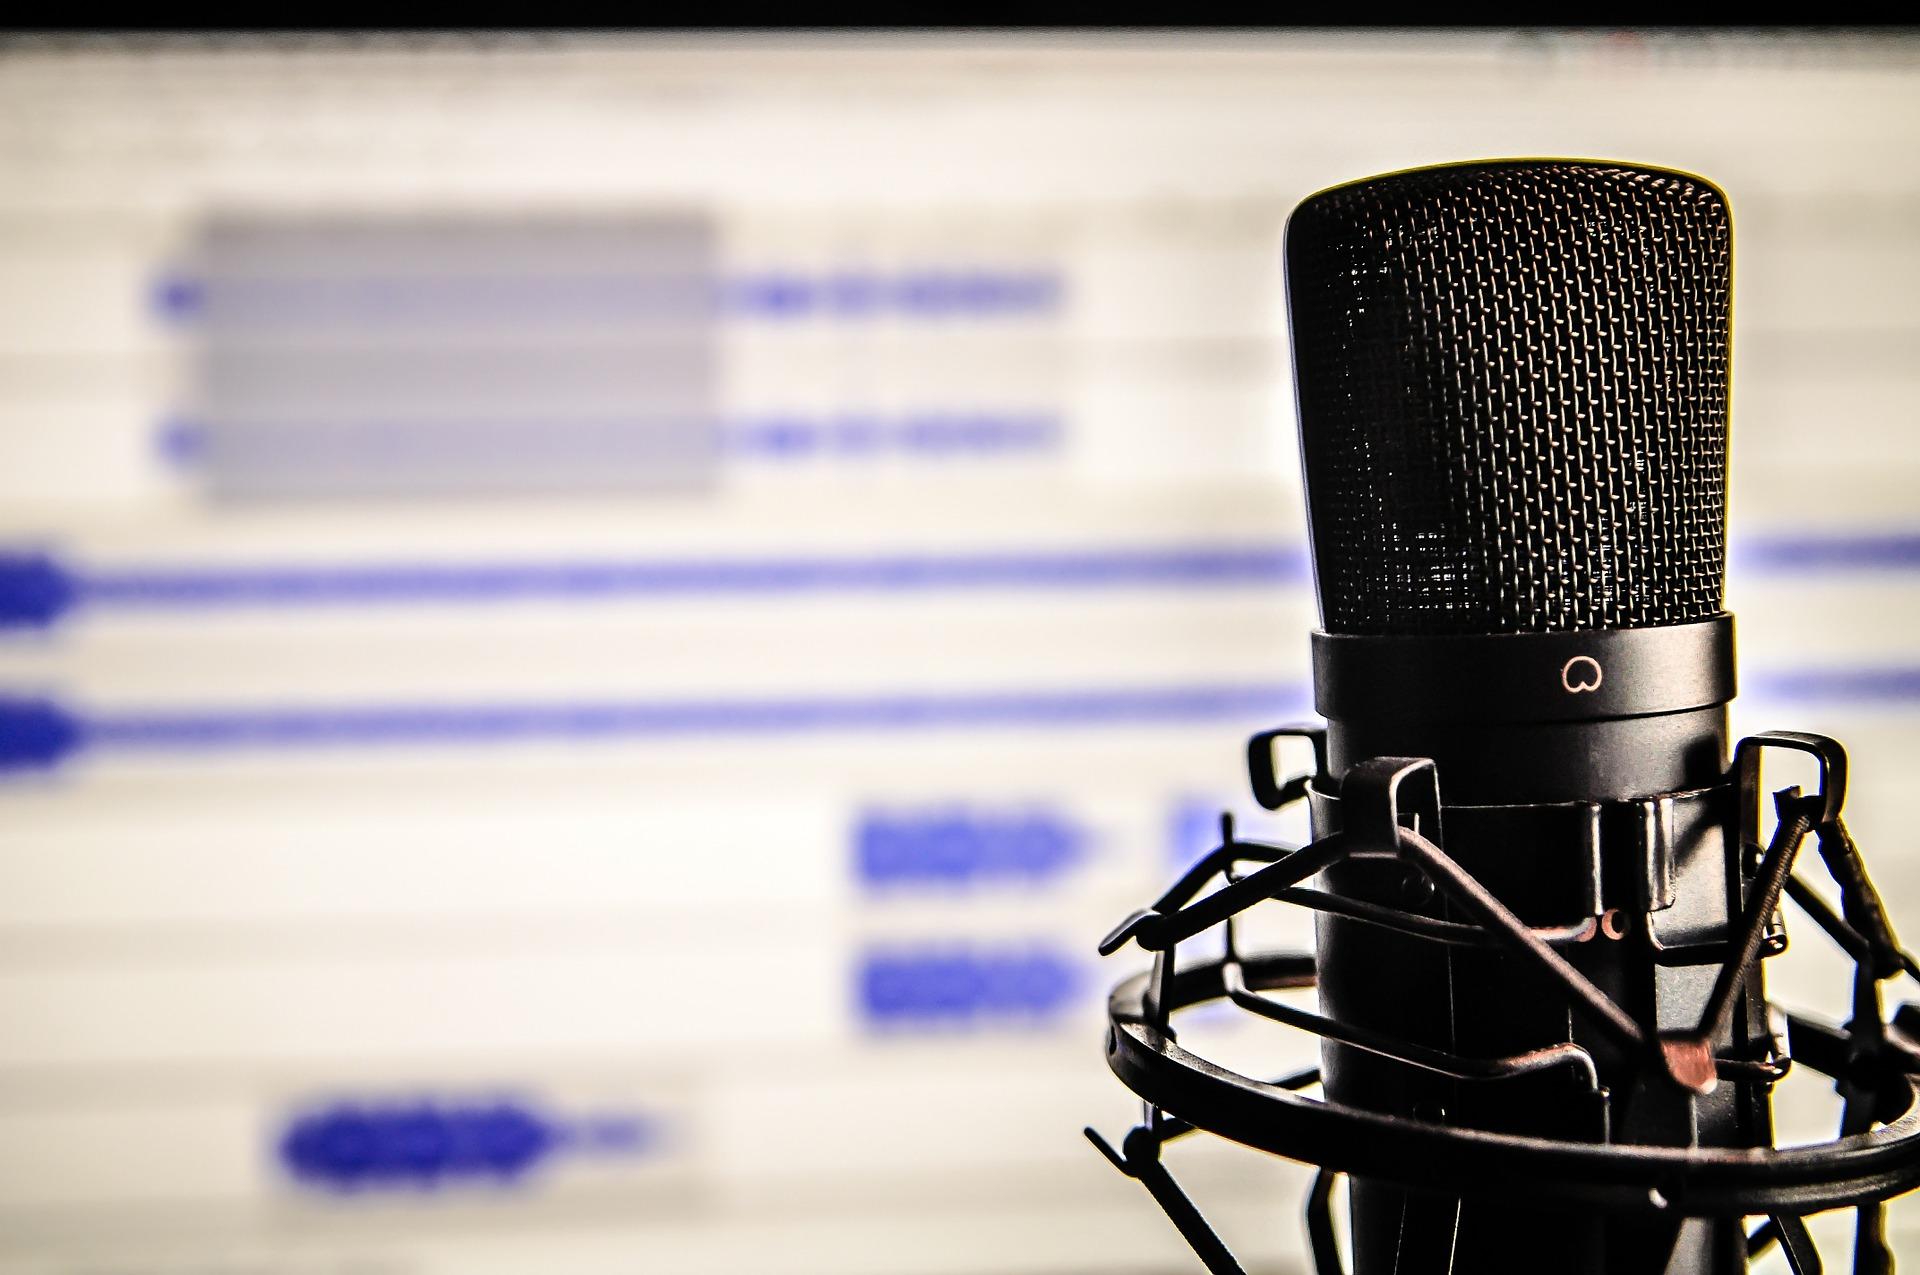 Imagem mostra um microfone em frente a um computador com software de edição aberto.